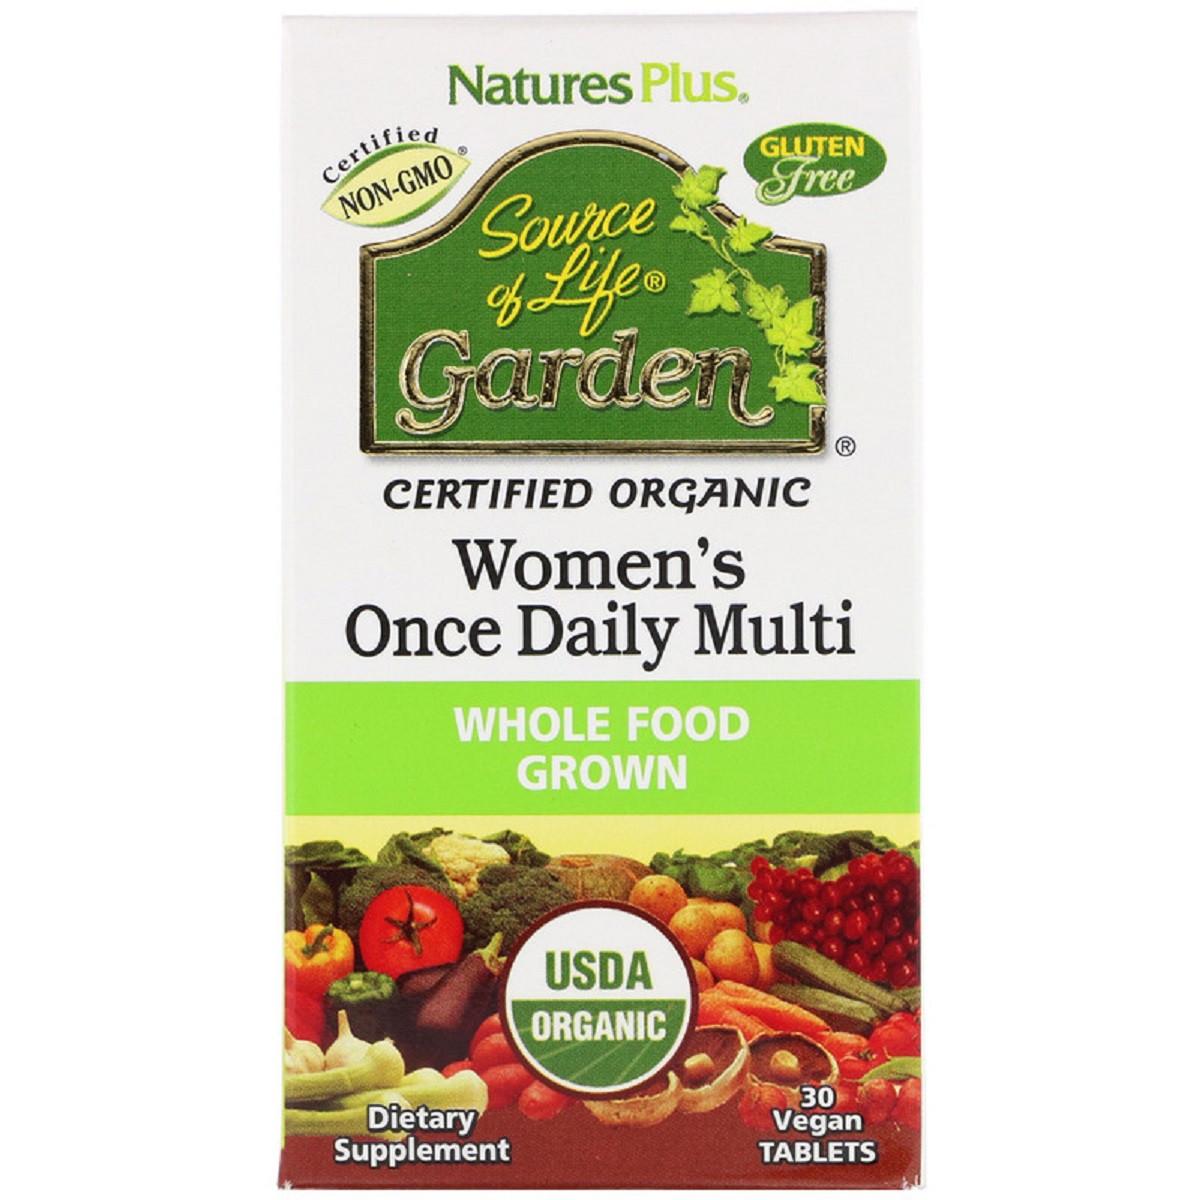 Органические Ежедневные Мультивитамины для Женщин, Source of Life Garden, Natures Plus, 30 таблеток